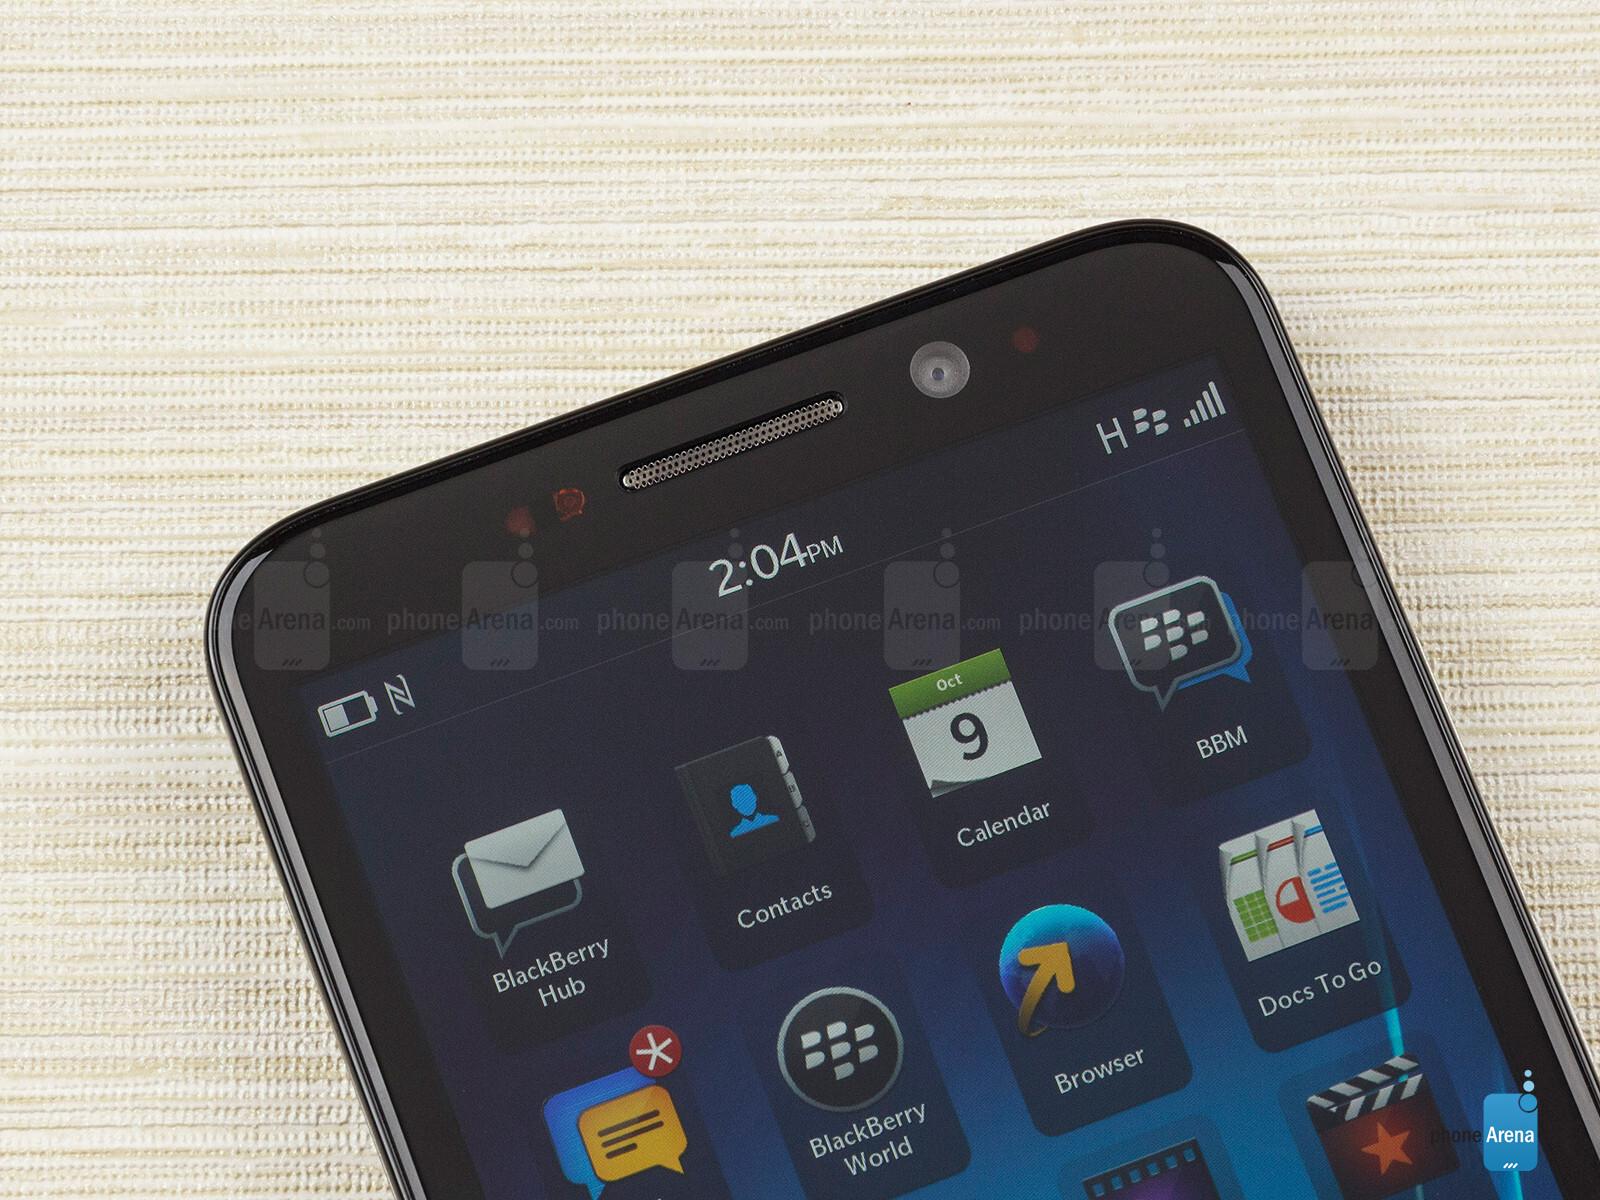 Blackberry z 30 reviews / Columbus in usa